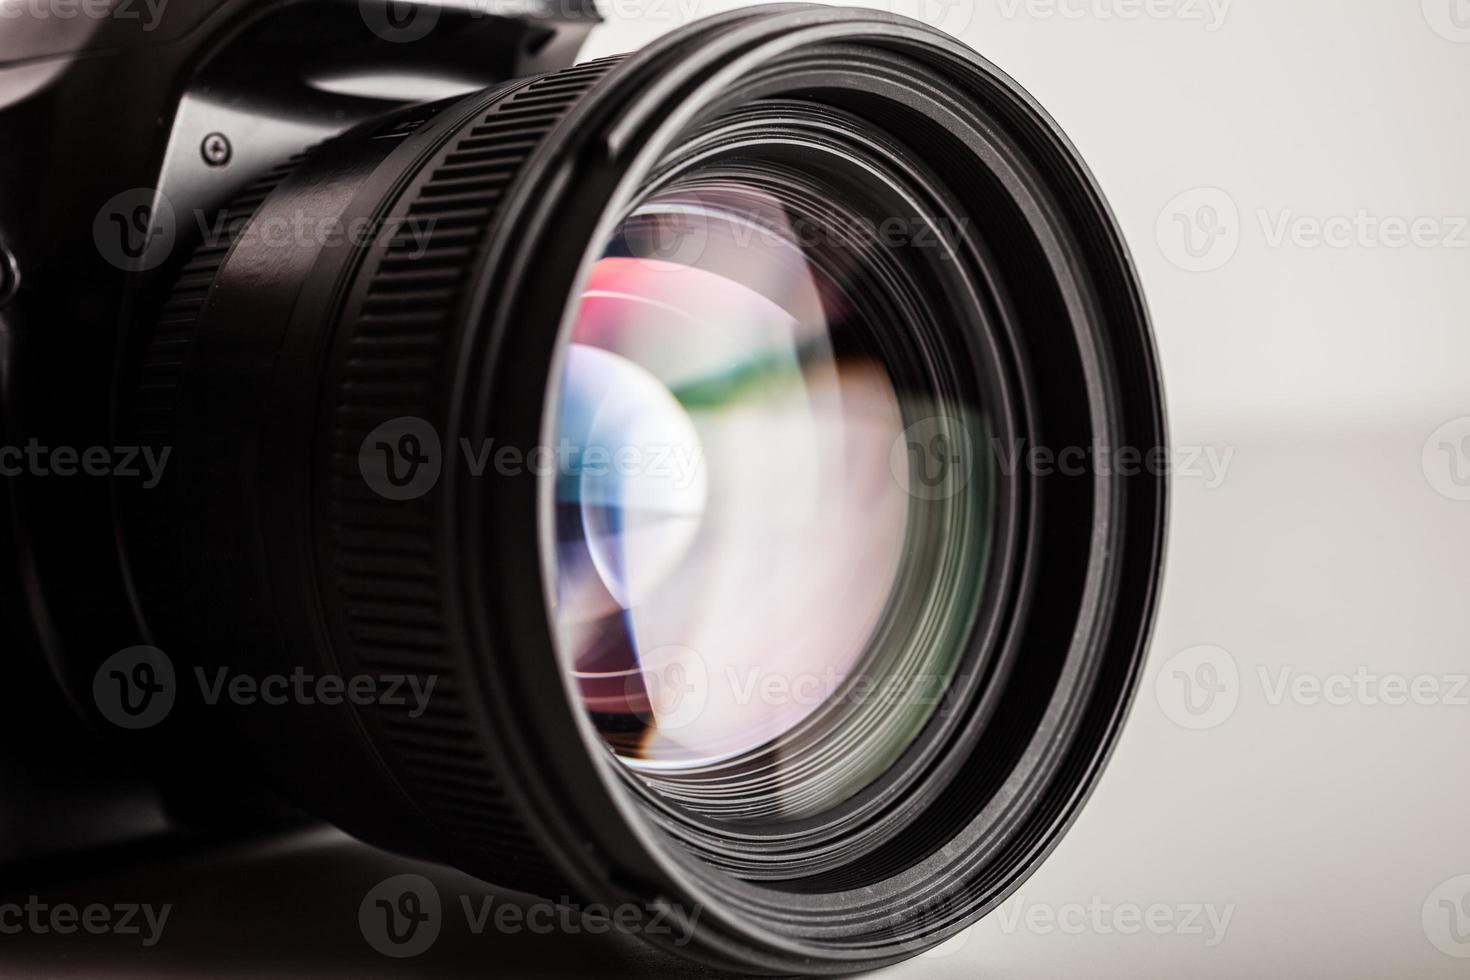 gros plan de l'objectif de la caméra photo